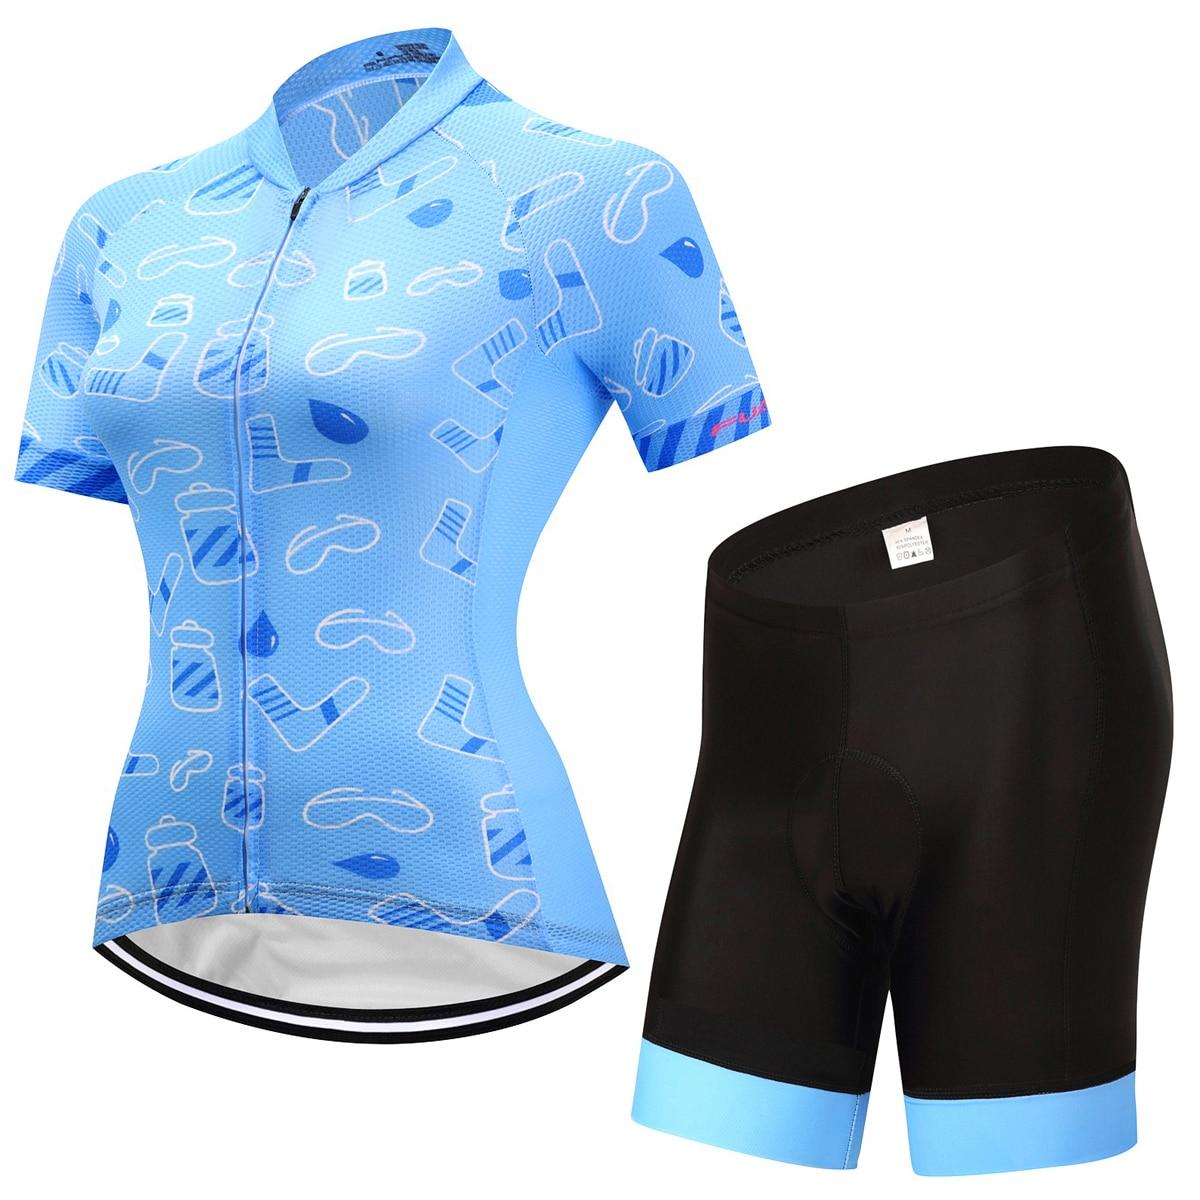 Fualrny Для женщин велосипед рубашка 100% полиэстер дышащая Велосипедный Спорт Одежда Лето УФ Велоспорт Джерси комплект короткий рукав Велосипе...